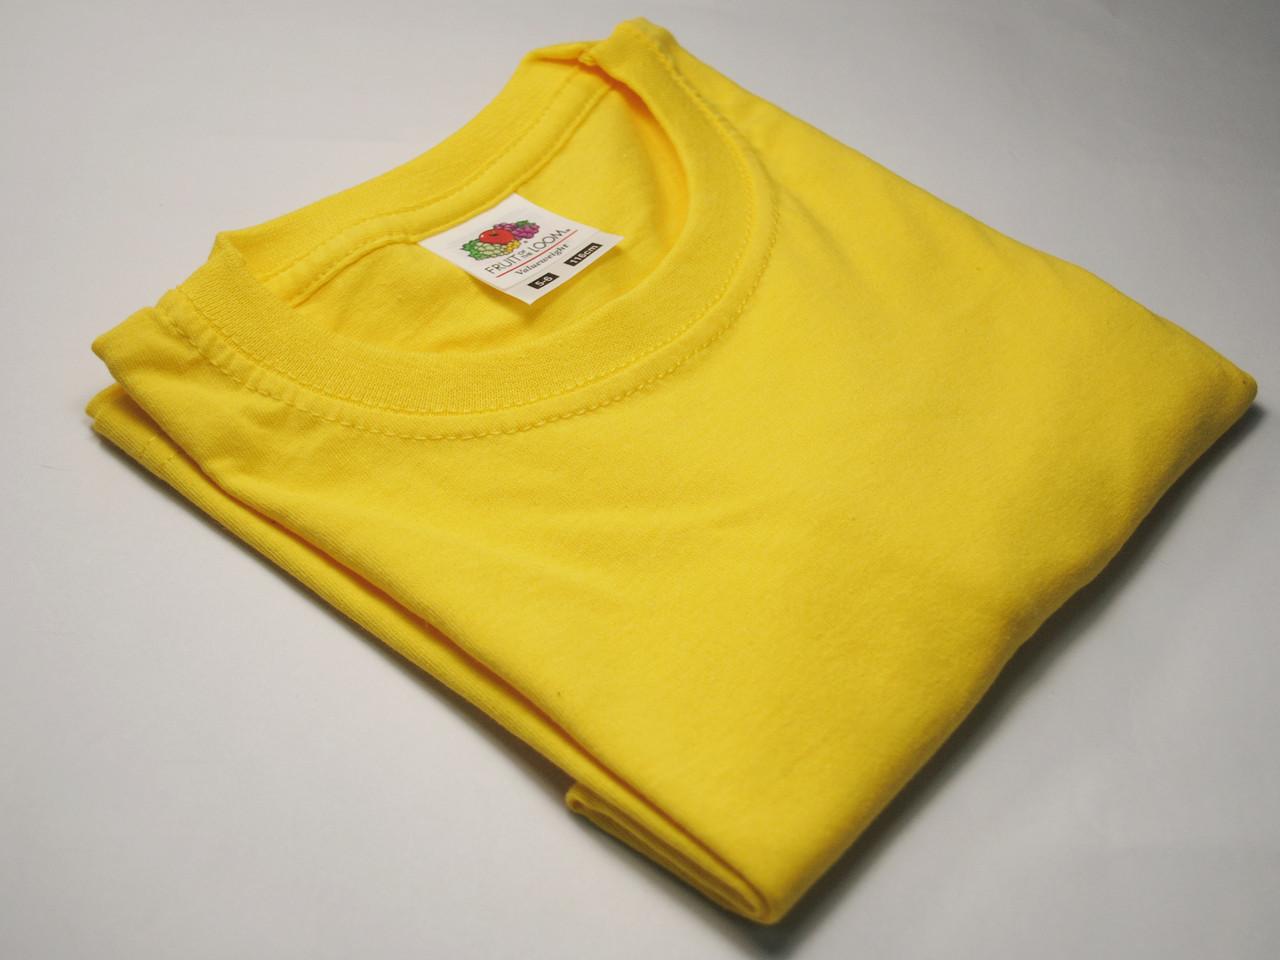 Классическая футболка для мальчика Ярко-жёлтая размер 5-6 лет (116 см) 61-033-K2